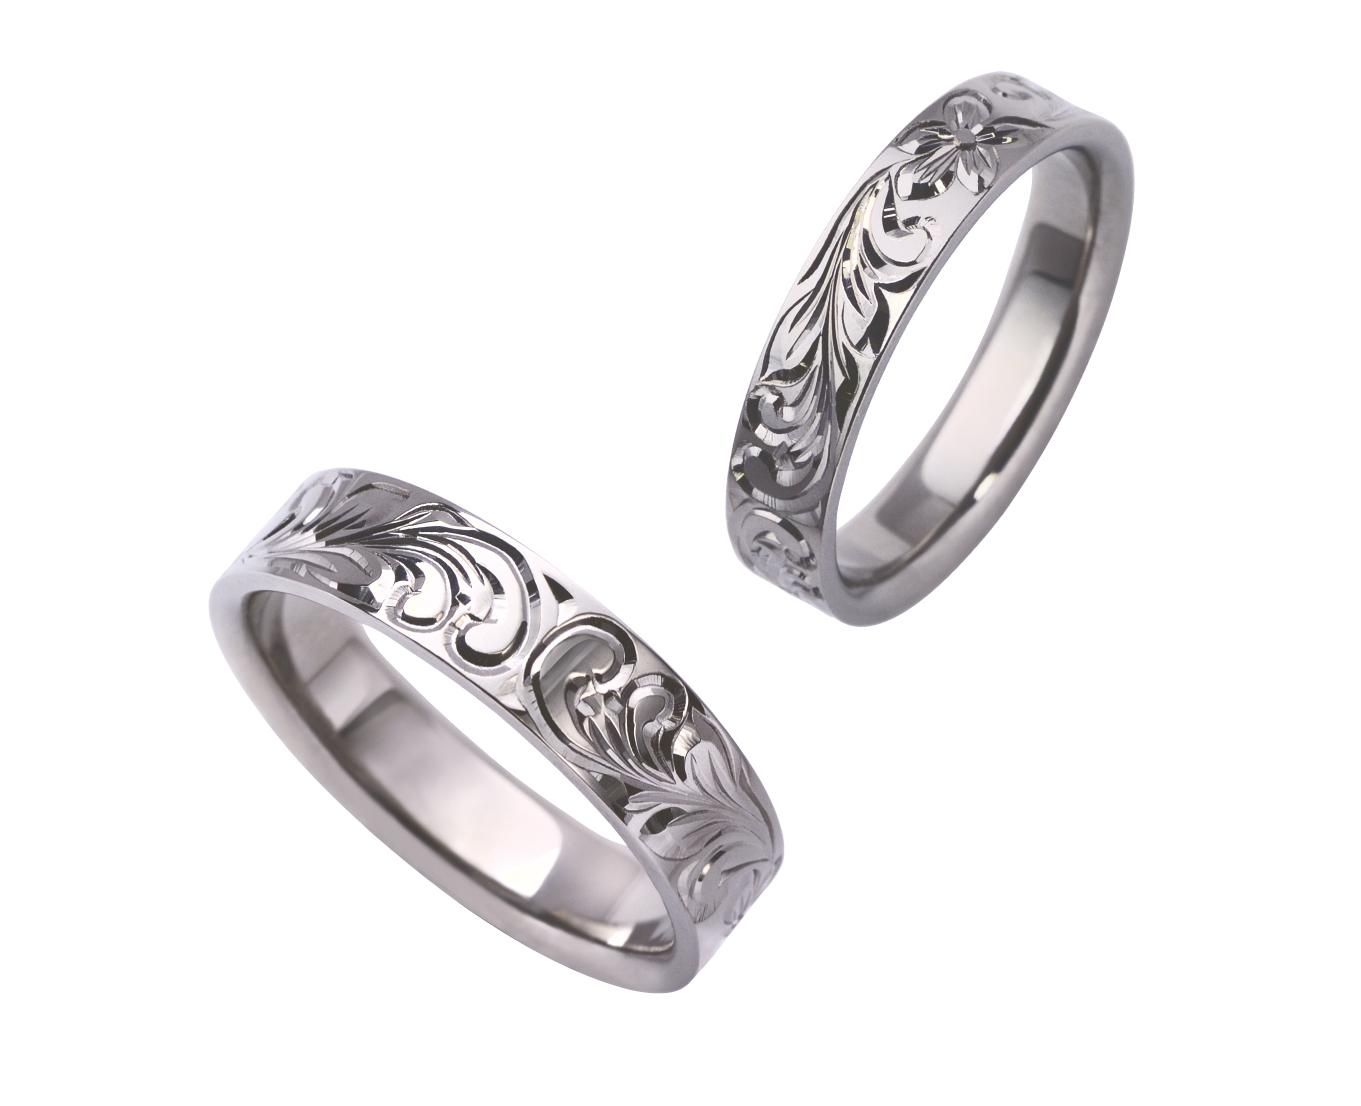 ハワイアンジュエリーの結婚指輪|プラチナで作るなら断然「イモータル」